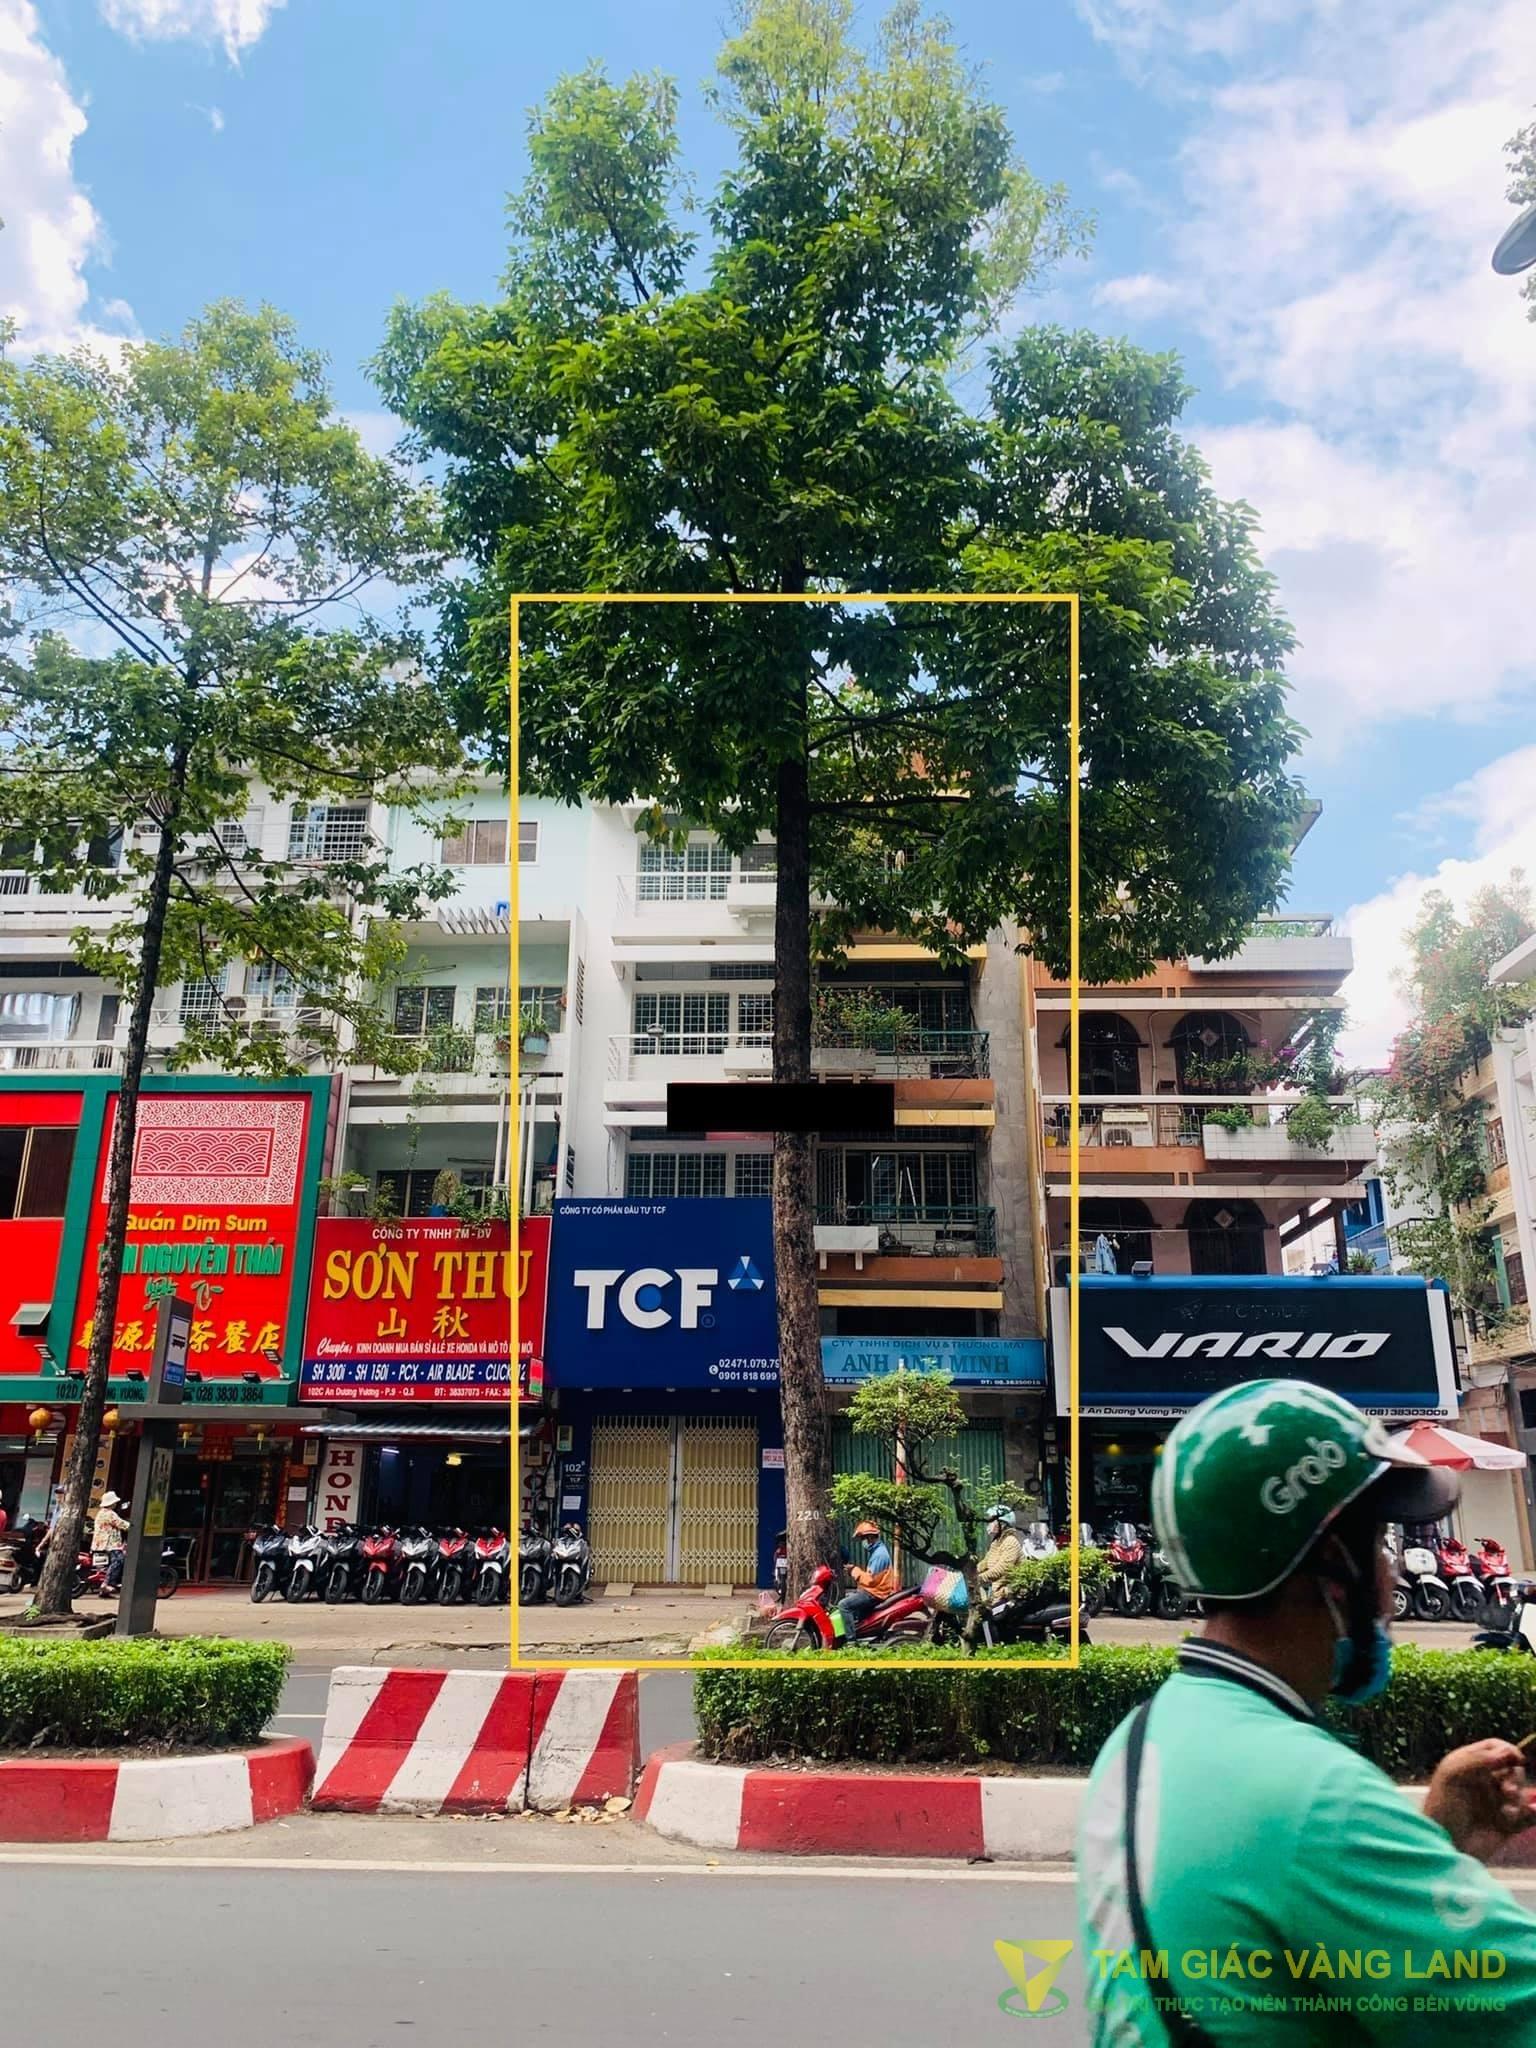 Cho thuê nhà mặt tiền đường An Dương Vương, Phường 9, Quận 5, DT 8.2x16m, 1 trệt 3 lầu, Giá 150 triệu/tháng